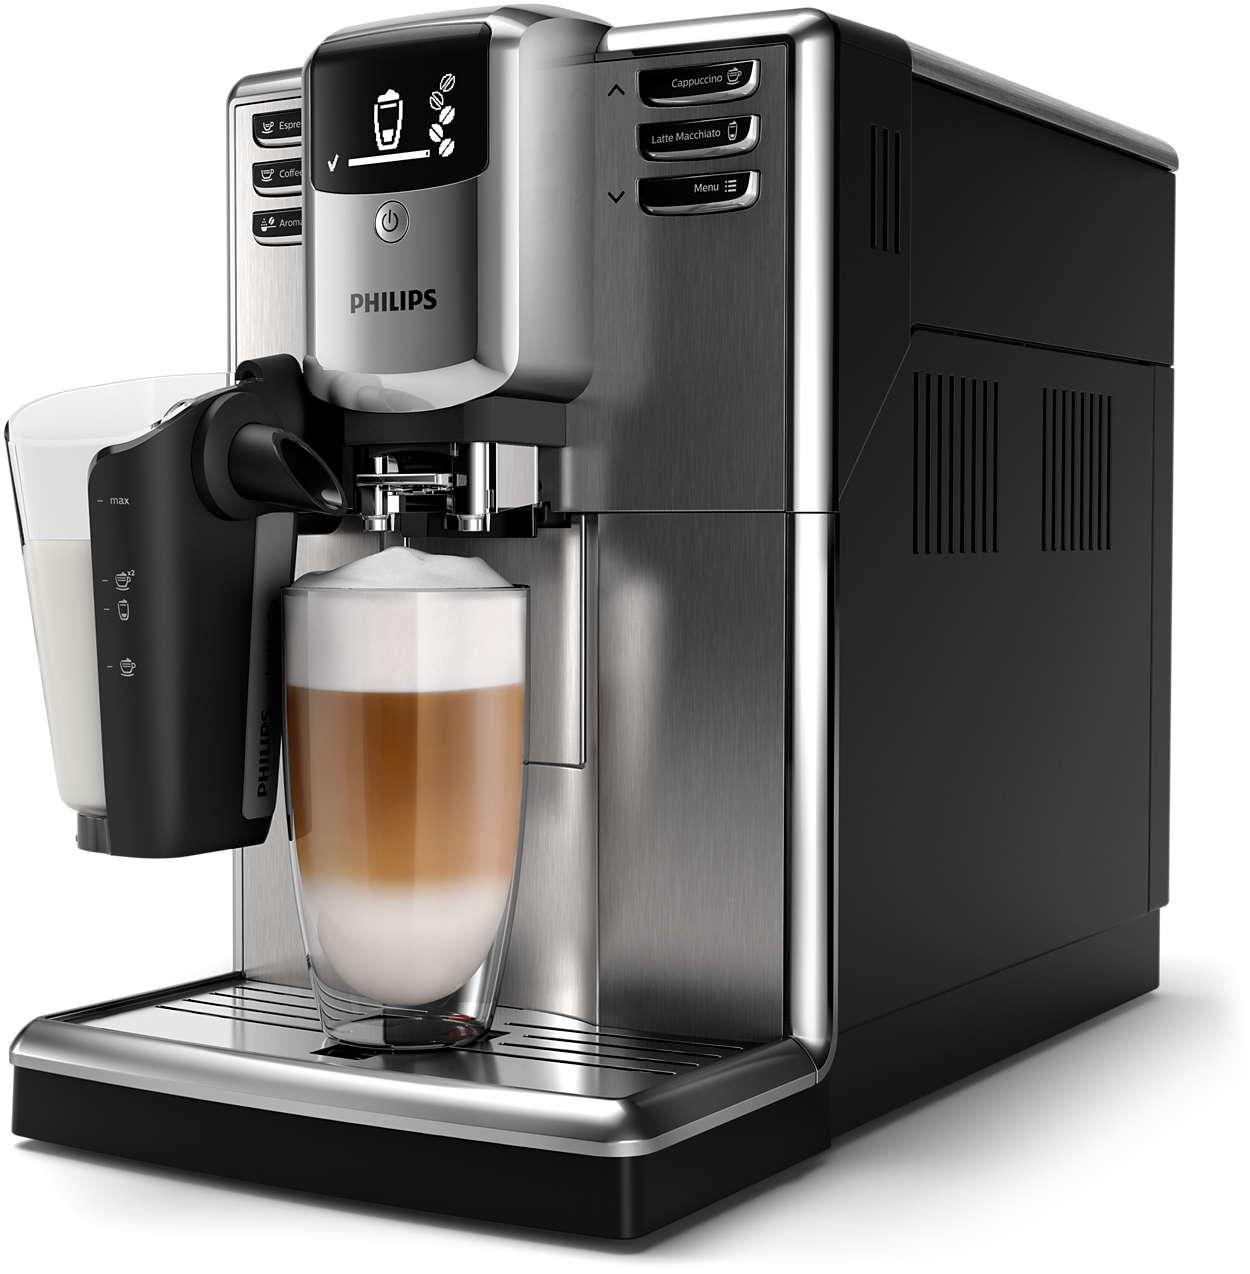 6 varietà di caffè da chicchi freschi, in tutta semplicità